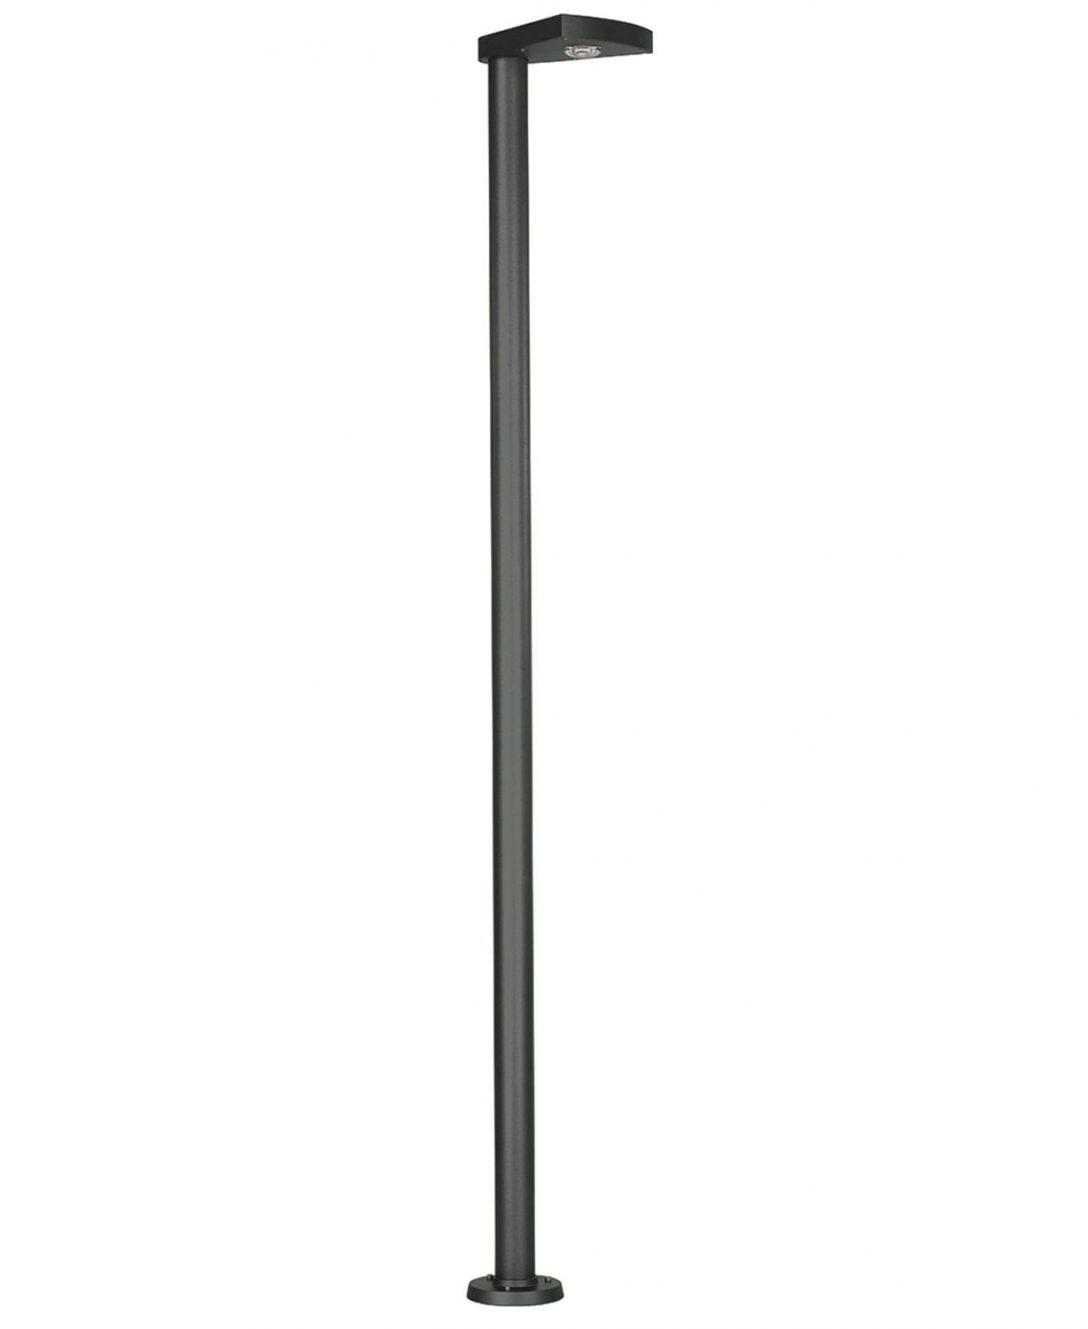 Large Size of Albert Mastleuchten 0866 Kaufen Online Kinderspielturm Garten Spielgeräte Kugelleuchten Loungemöbel Günstig Beistelltisch Trennwand Leuchtkugel Garten Mastleuchten Garten